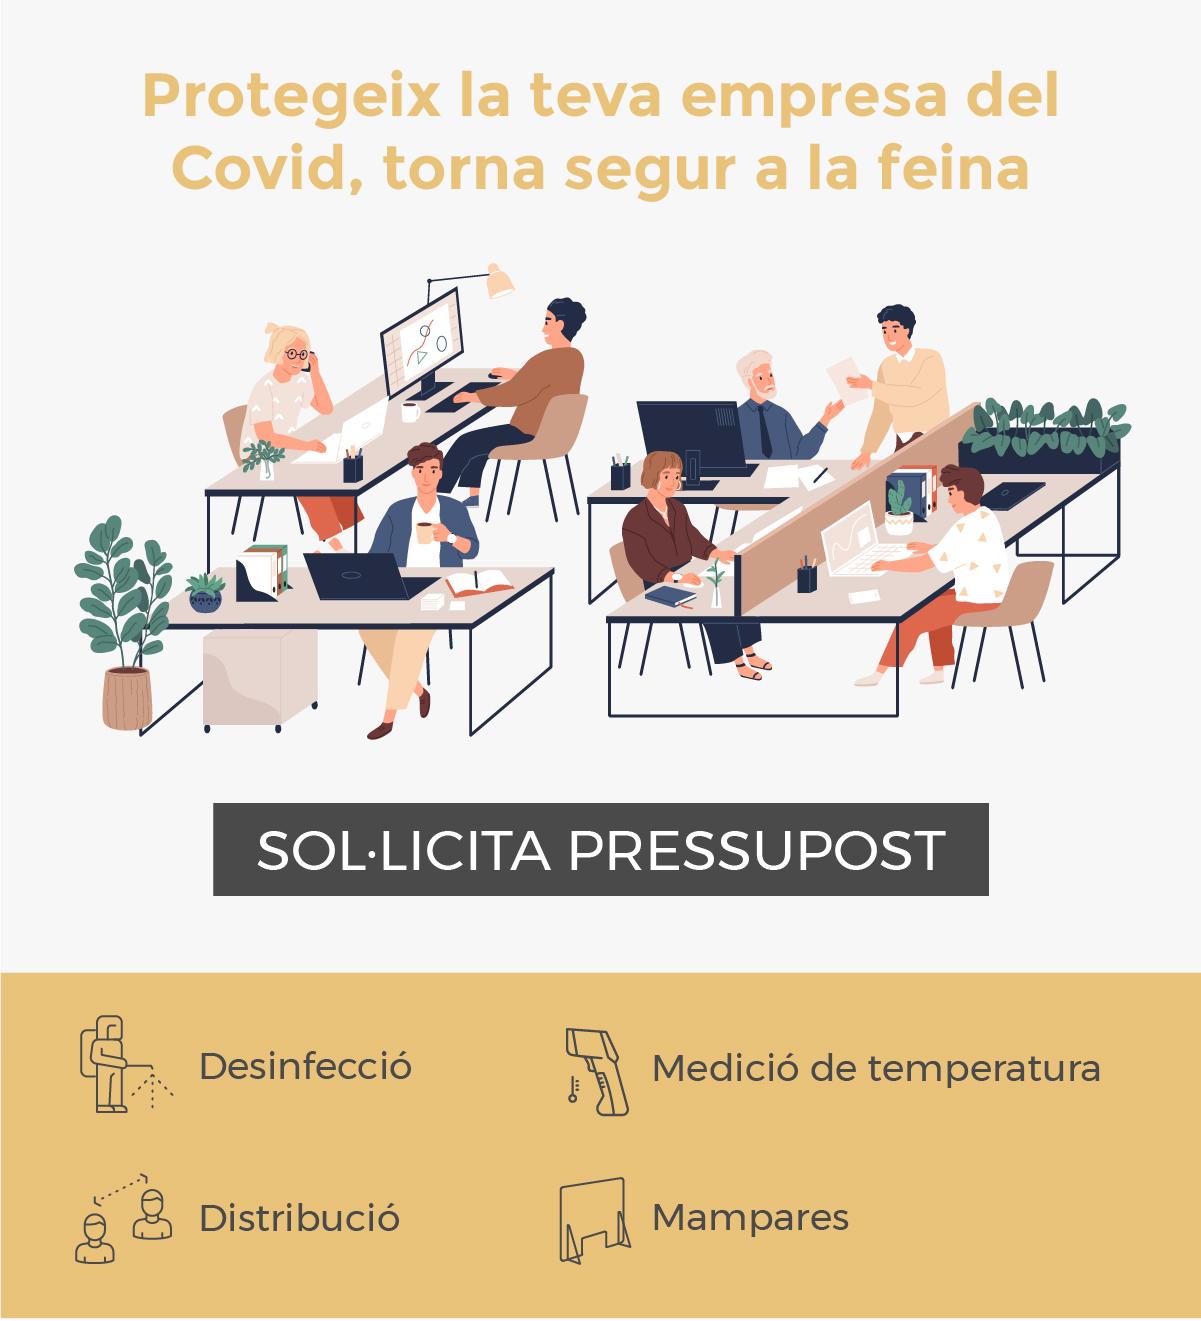 Infografia de protecció de Covid 19 a oficina